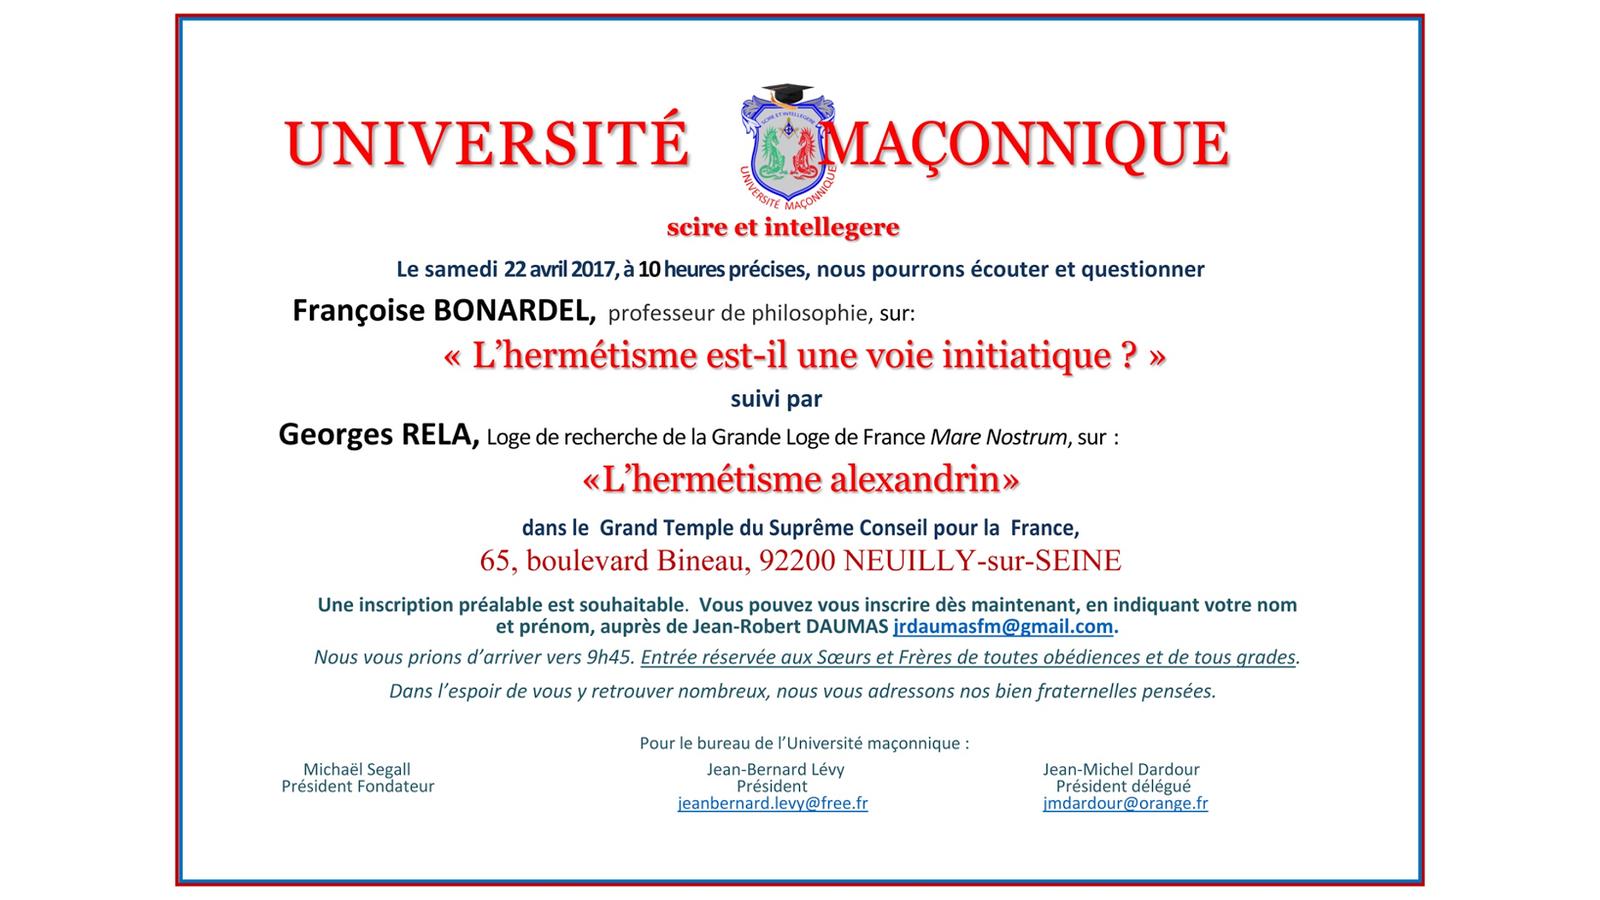 Université Maçonnique du 22 avril 2017. L'Hermétisme. Avec Françoise Bonardel et Georges Rela